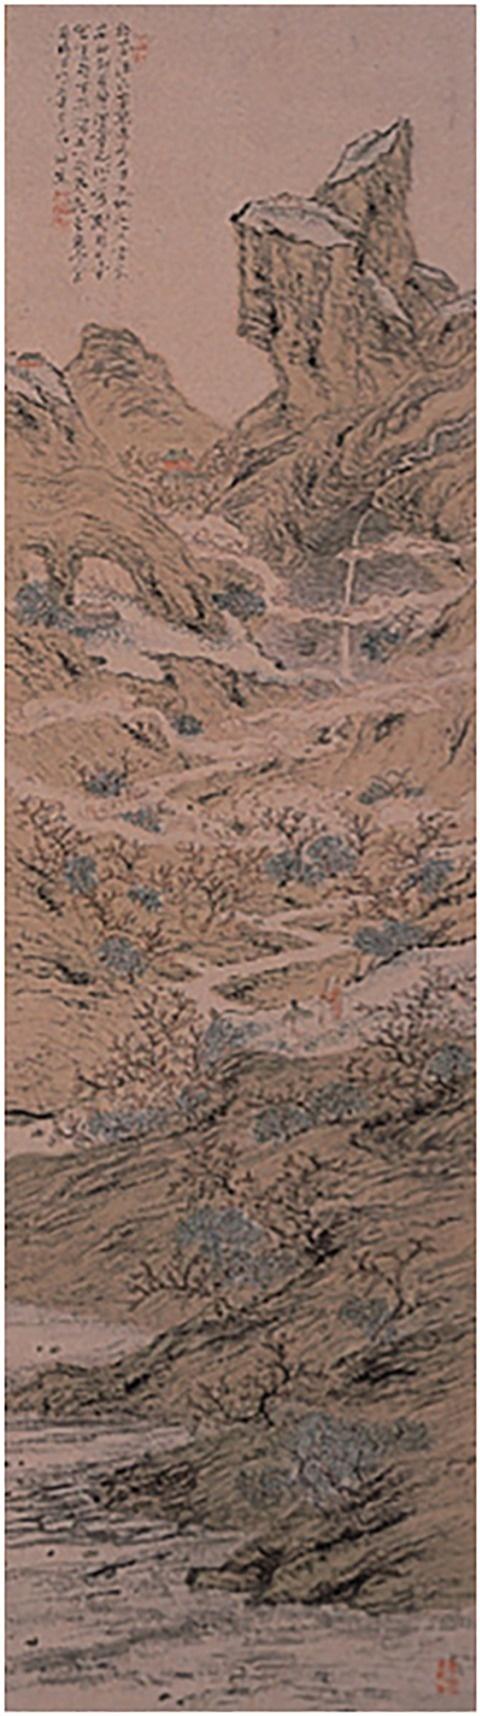 図-7 「桃下流水図」